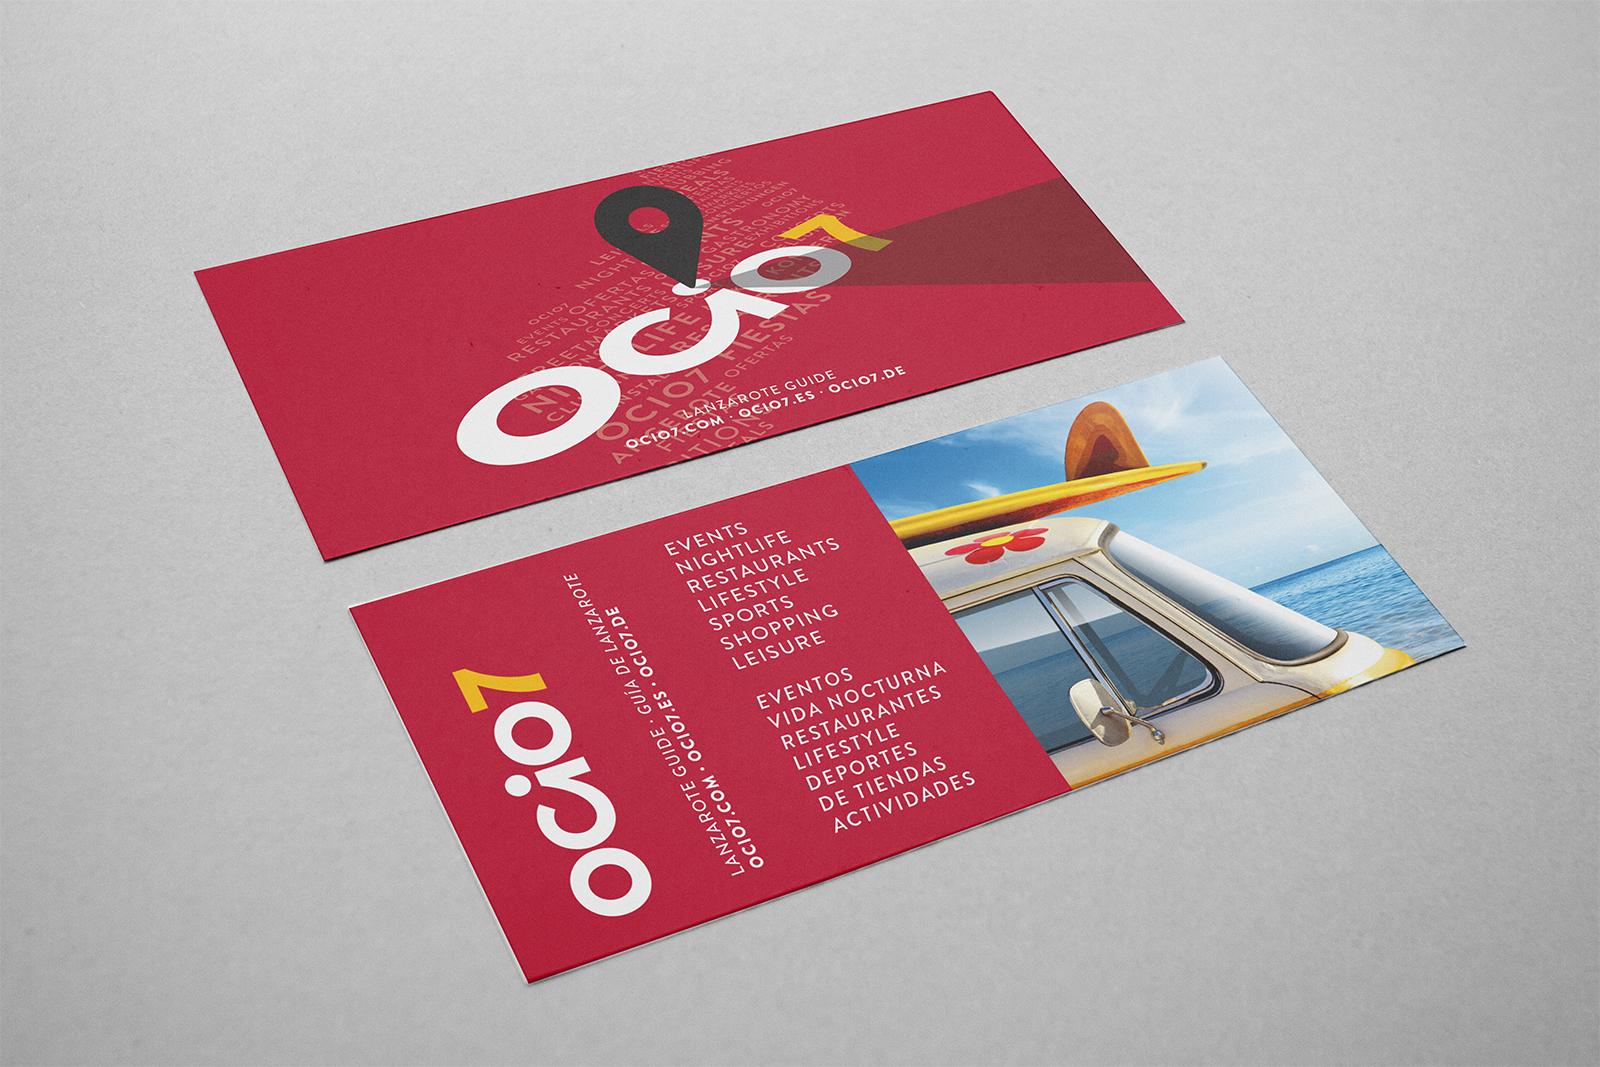 ocio-flyer-buero-ink-2